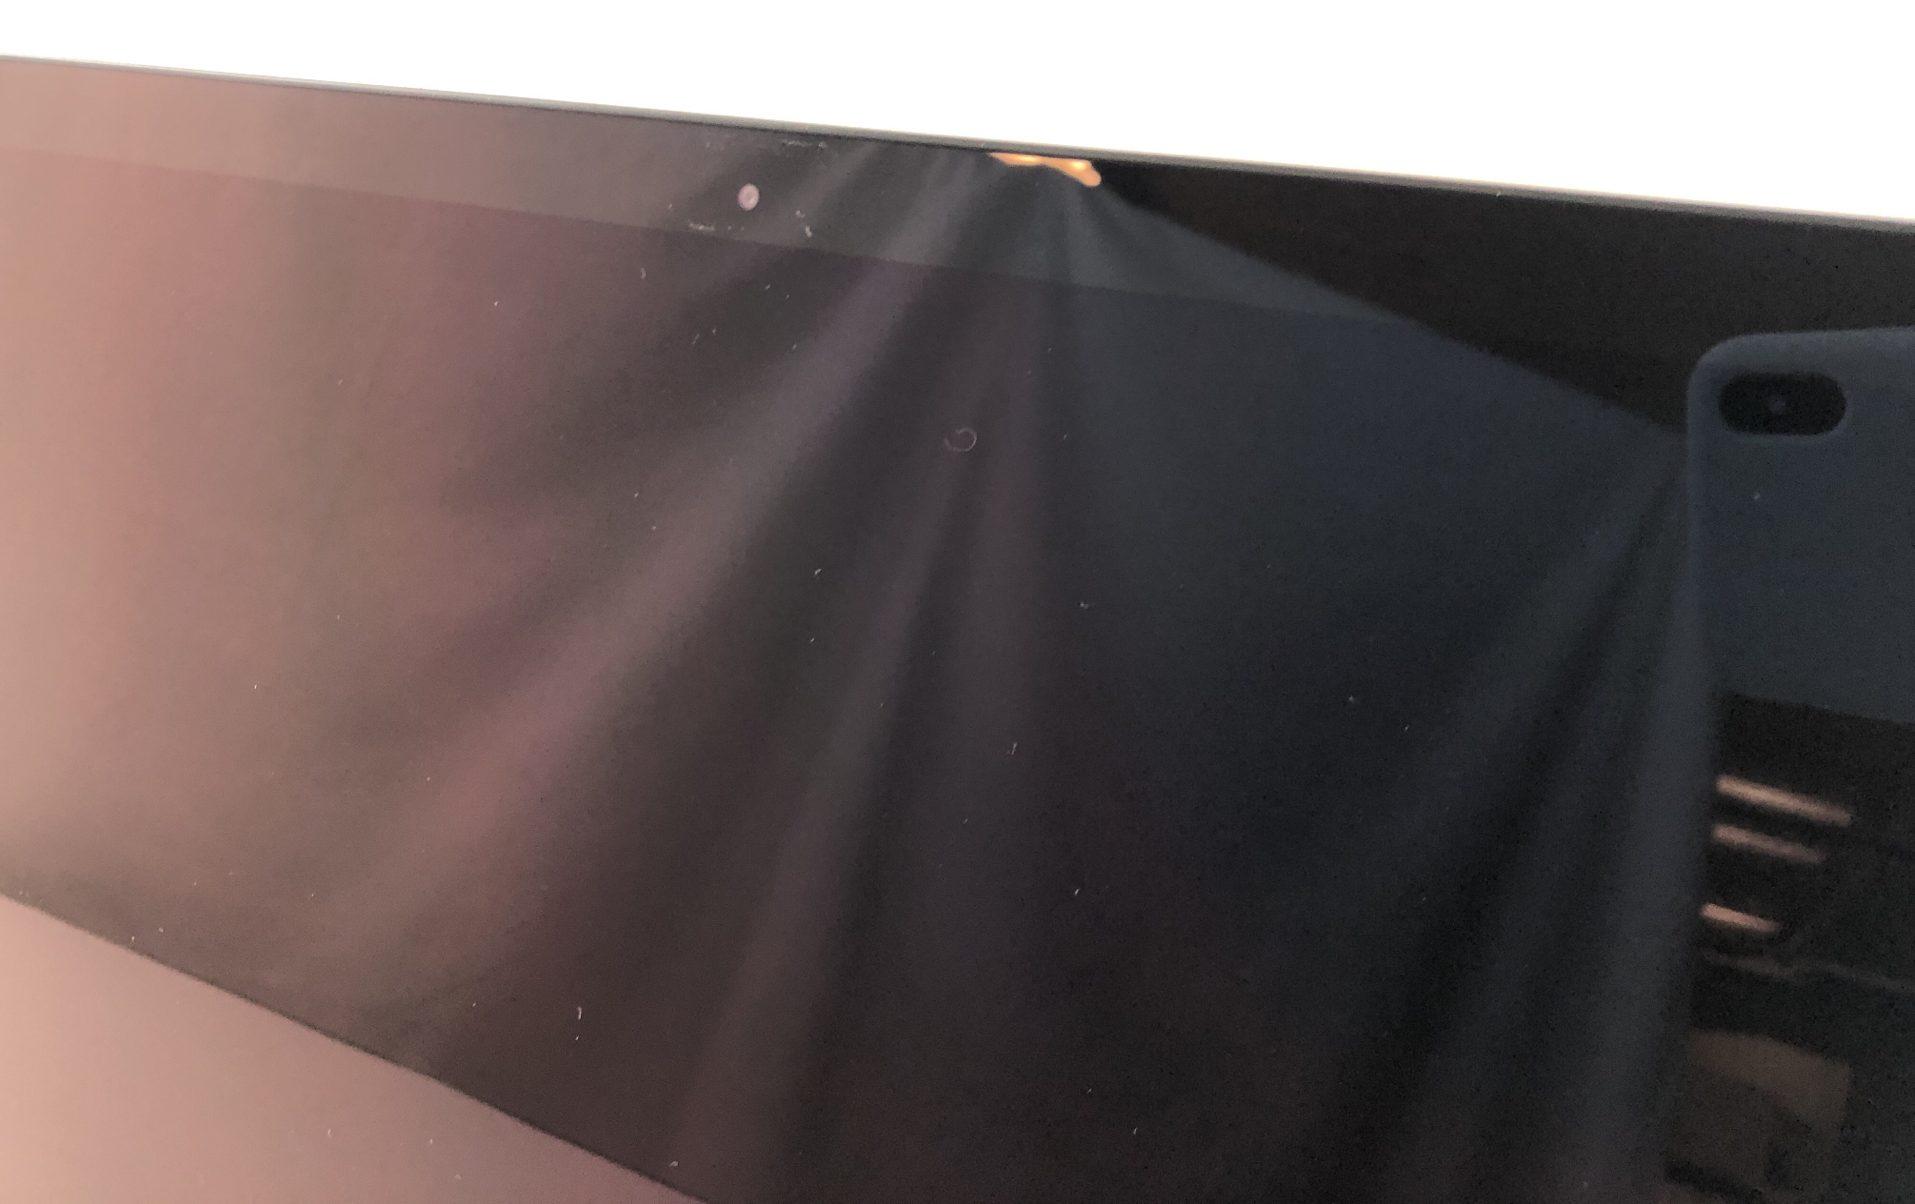 """MacBook Pro Retina 15"""" Mid 2015 (Intel Quad-Core i7 2.5 GHz 16 GB RAM 512 GB SSD), Intel Quad-Core i7 2.5 GHz, 16 GB RAM, 512 GB SSD, Afbeelding 3"""